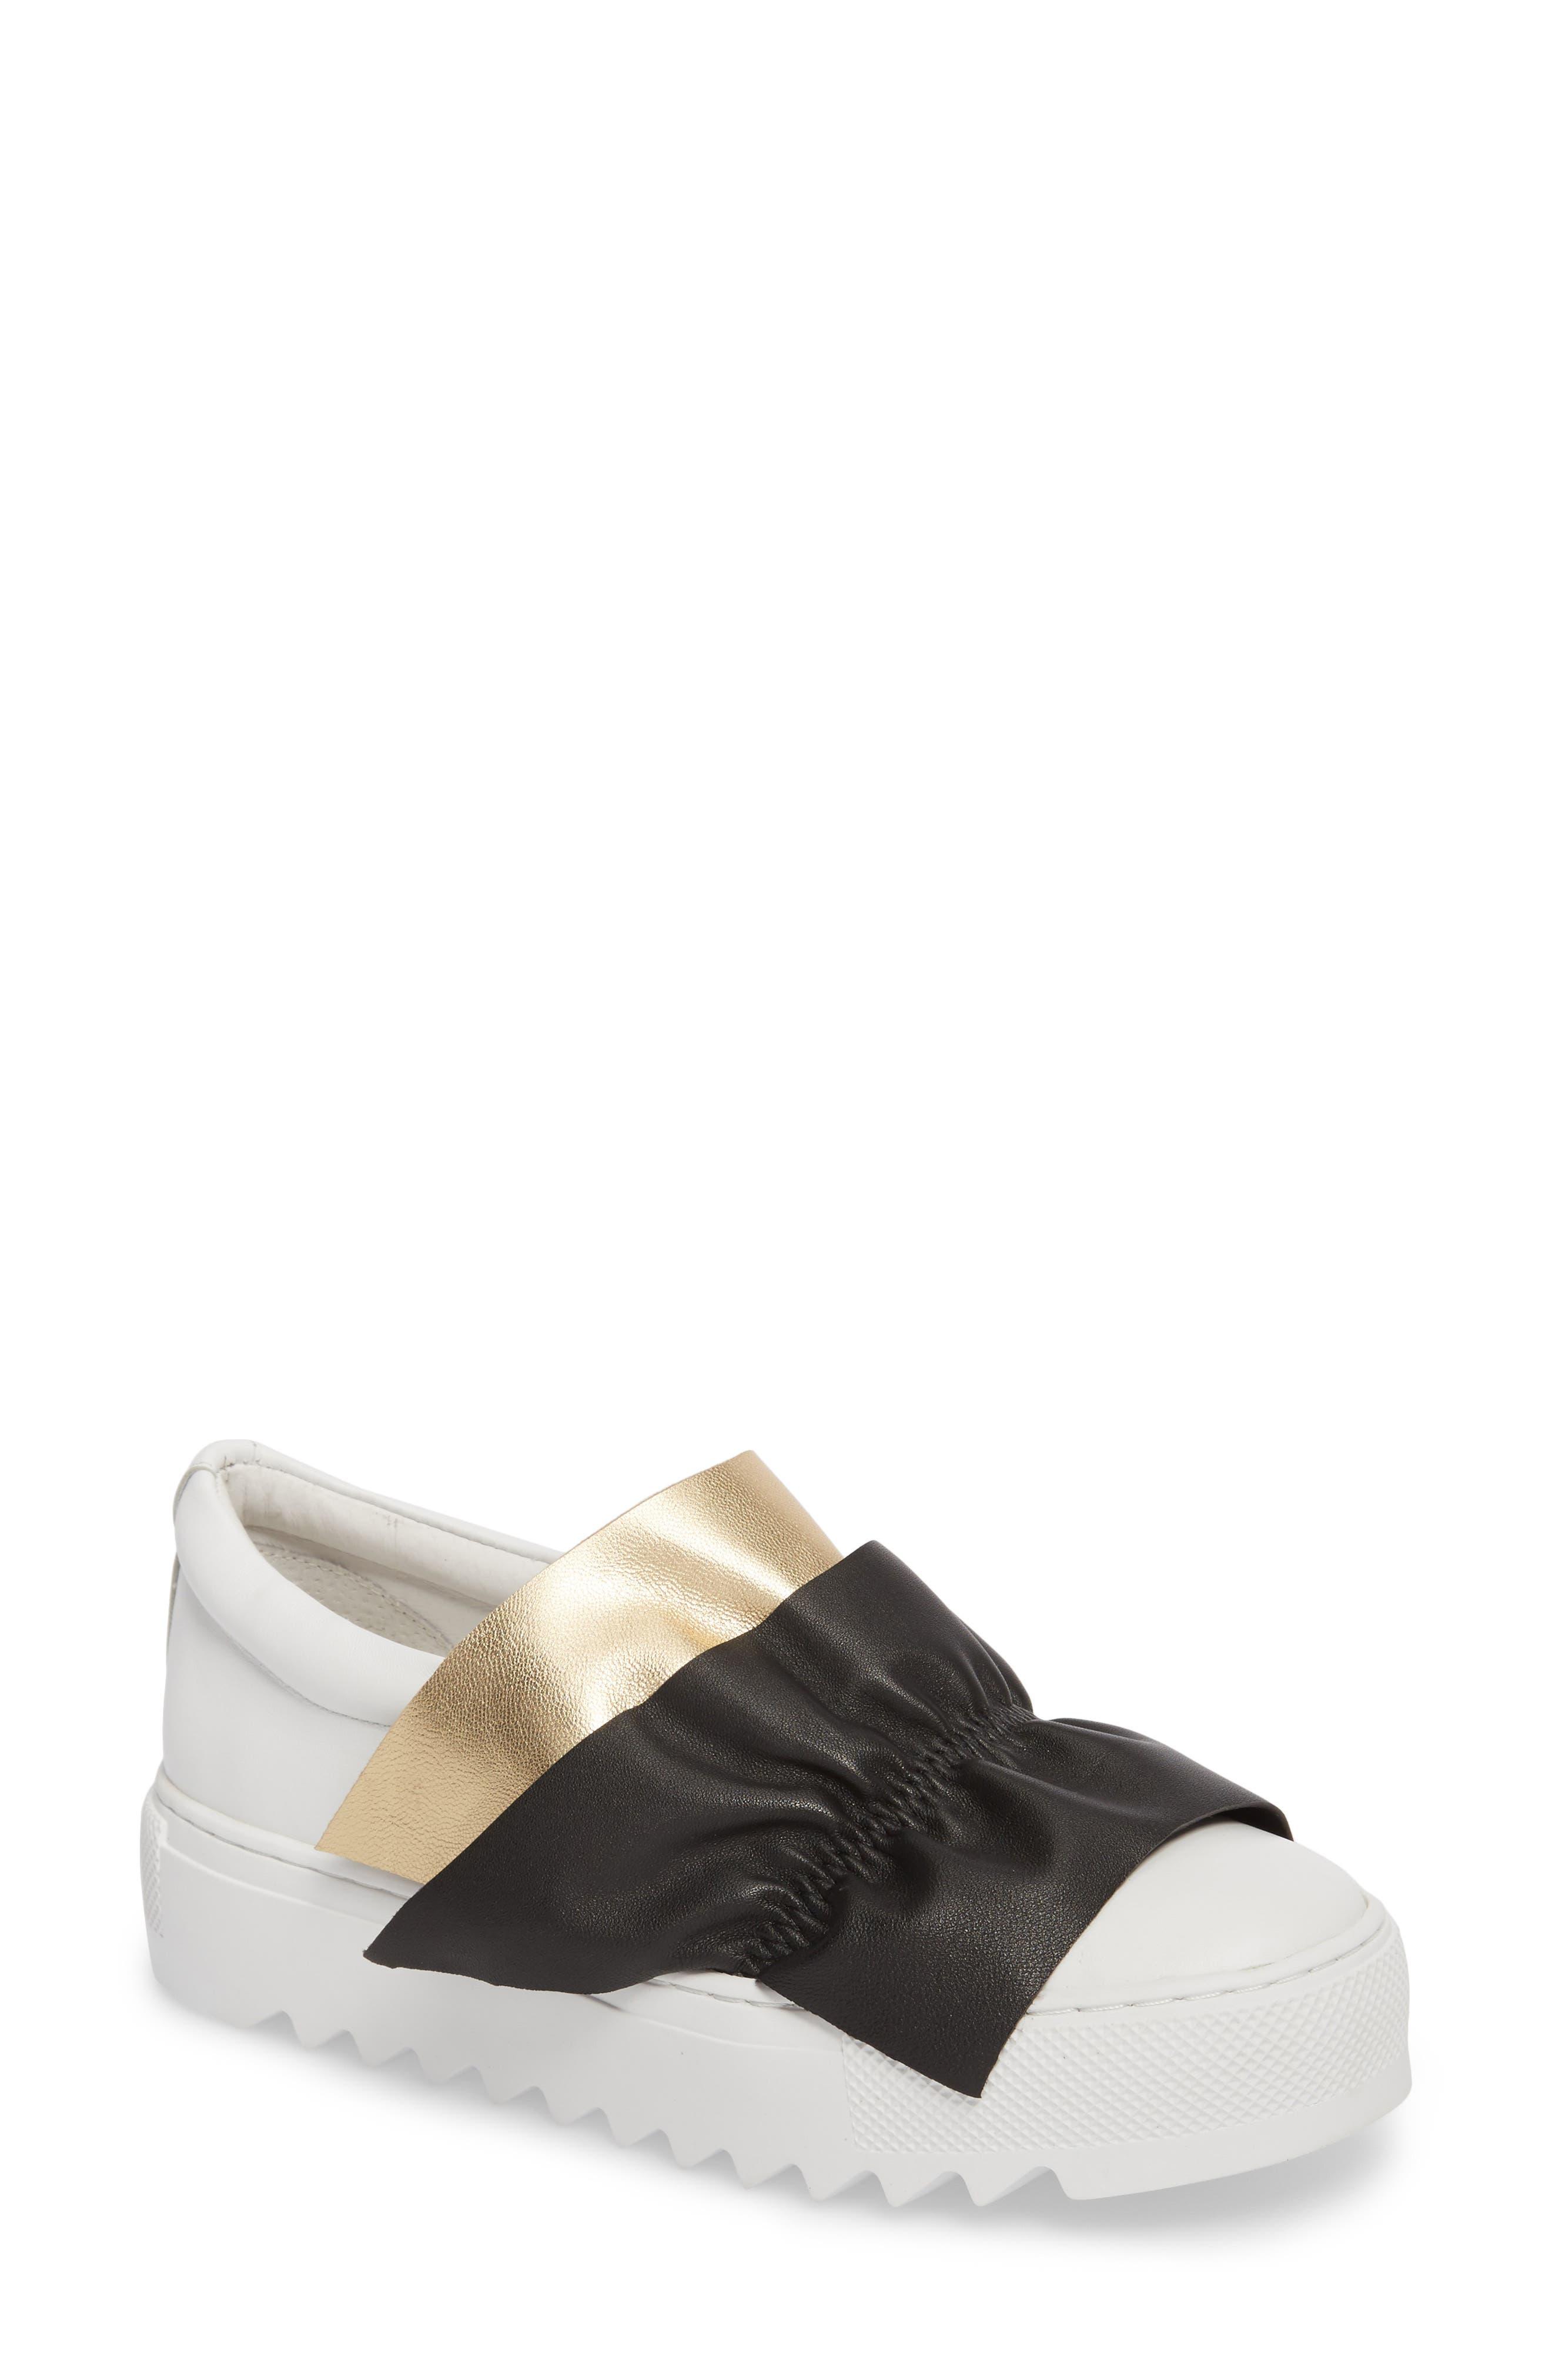 Alternate Image 1 Selected - JSlides Sadie Ruffle Platform Sneaker (Women)